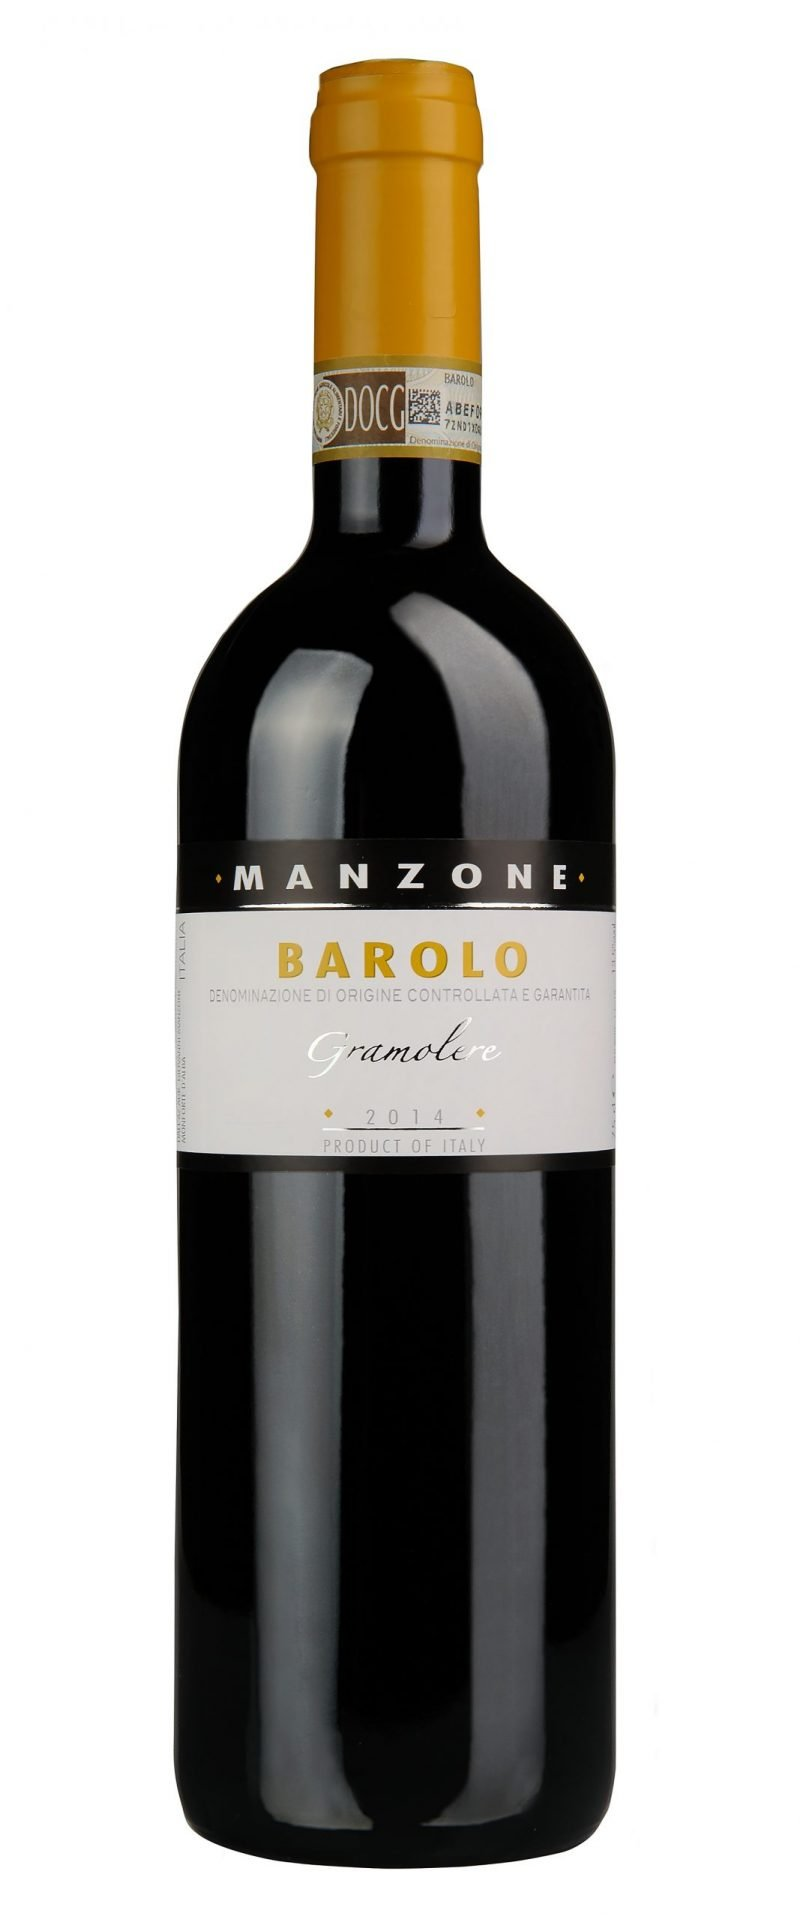 Giovanni Manzone 'Gramolere' Barolo DOCG 2014-0